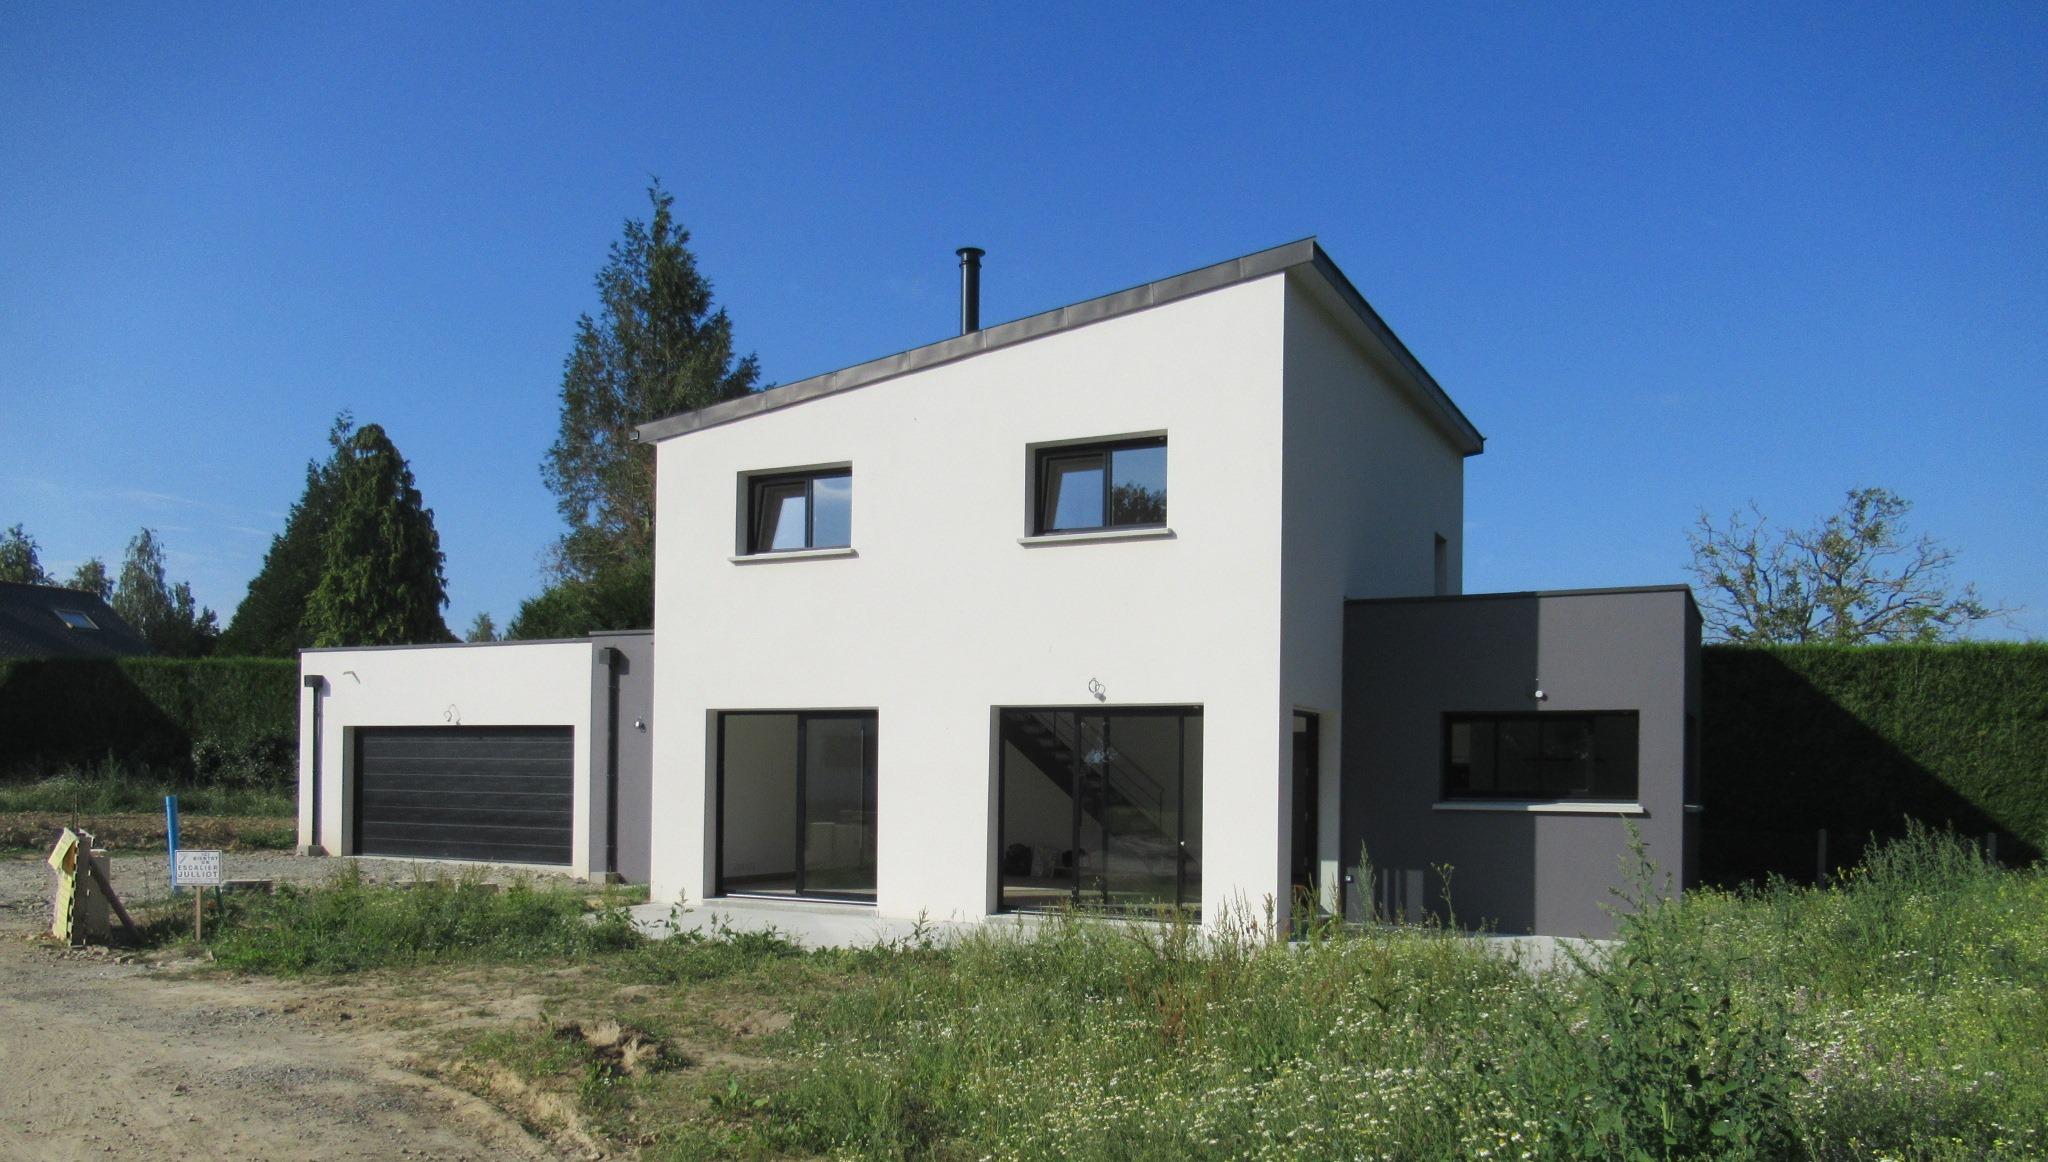 Maison contemporaine avec patio intérieur | GEB Châteaubourg